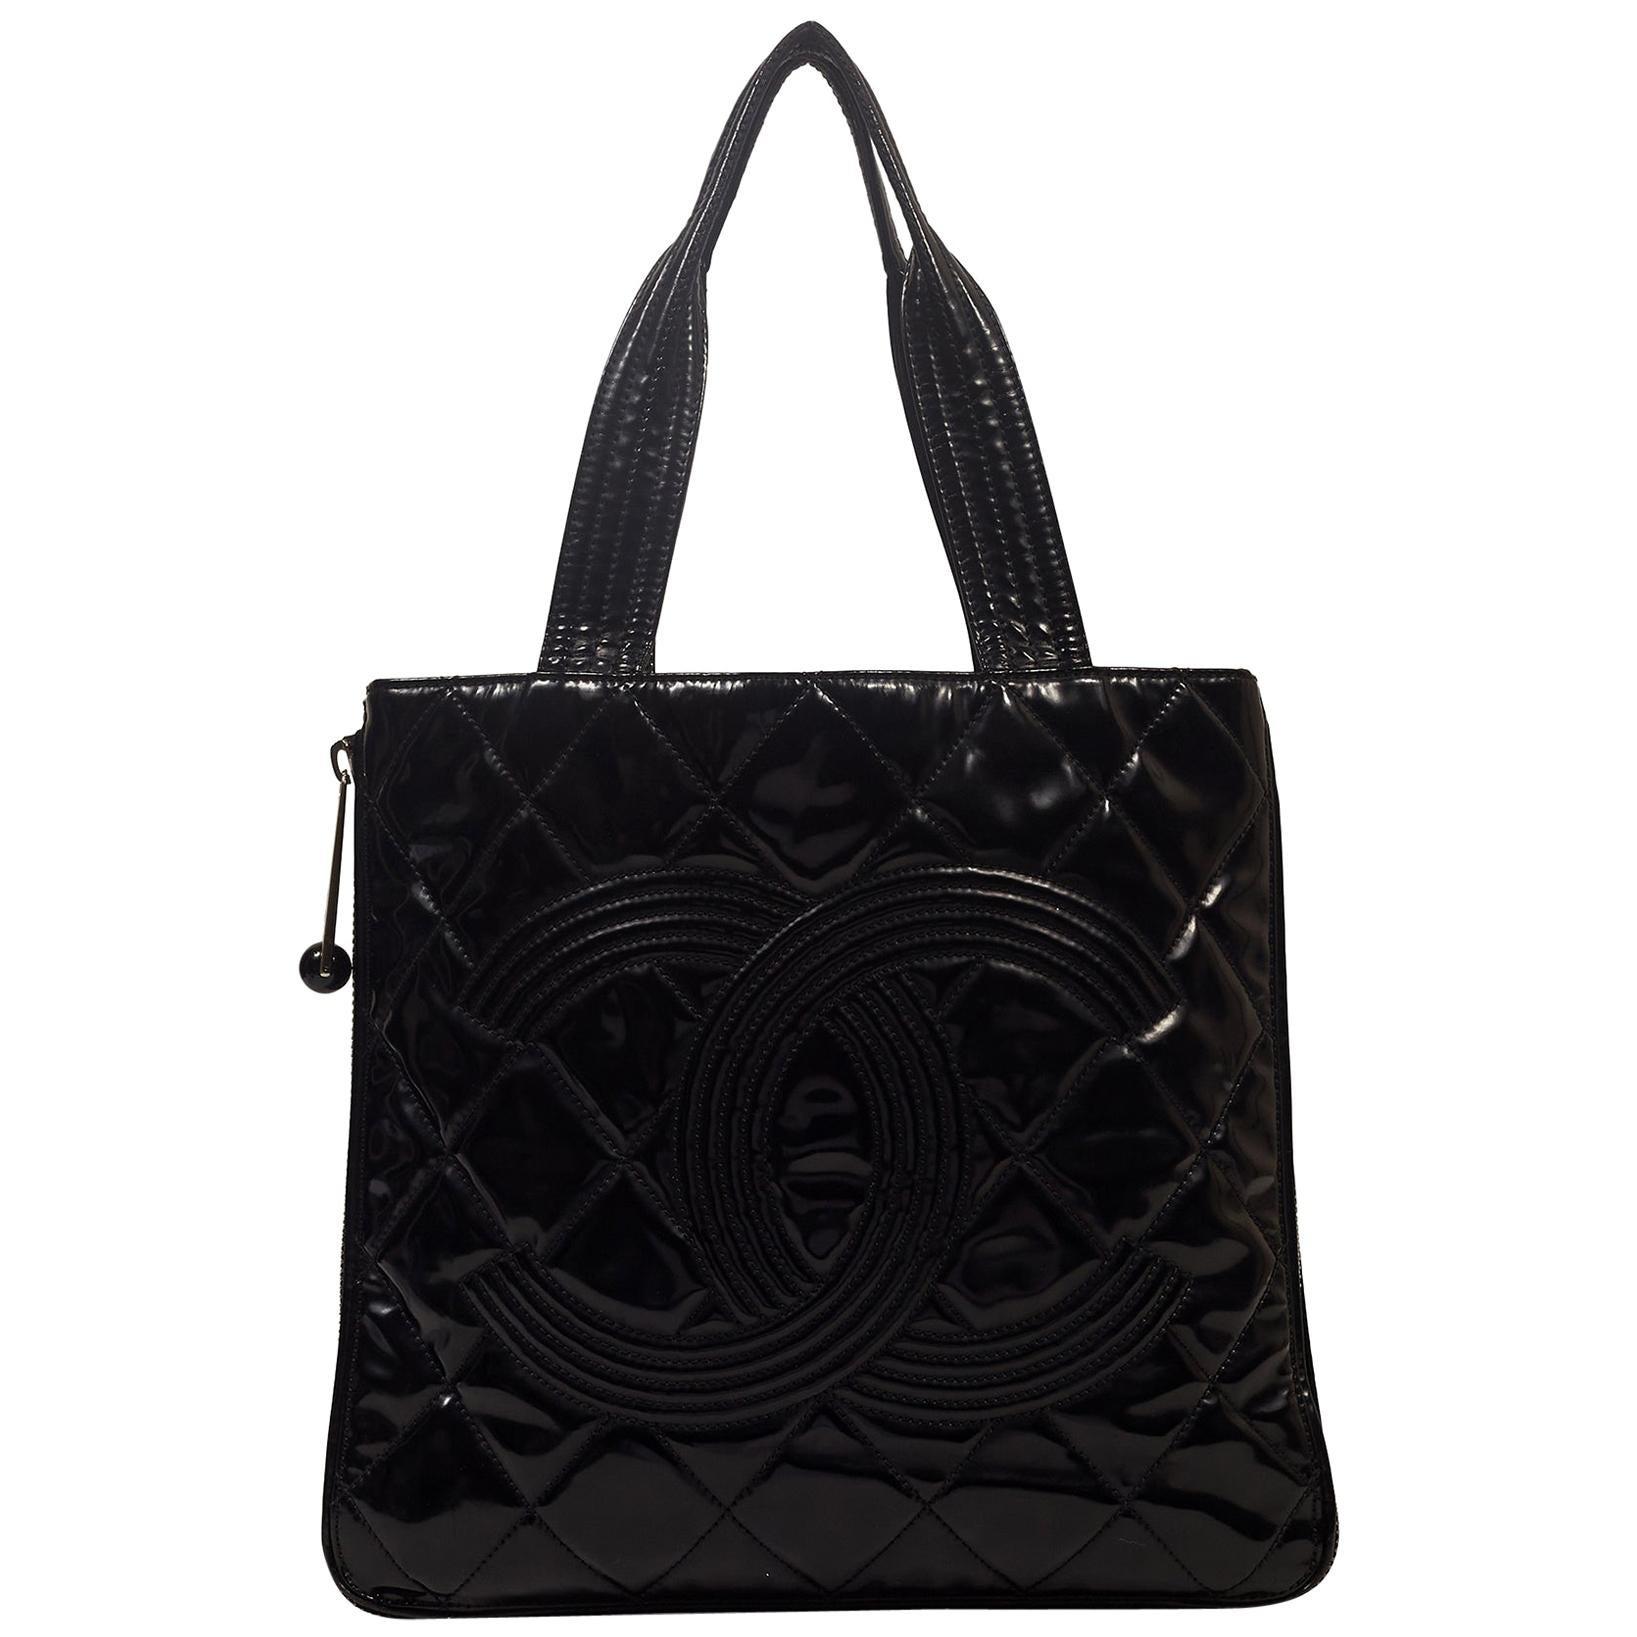 Chanel Black Patent Leather Paris-Shanghai Expandable Tote GST